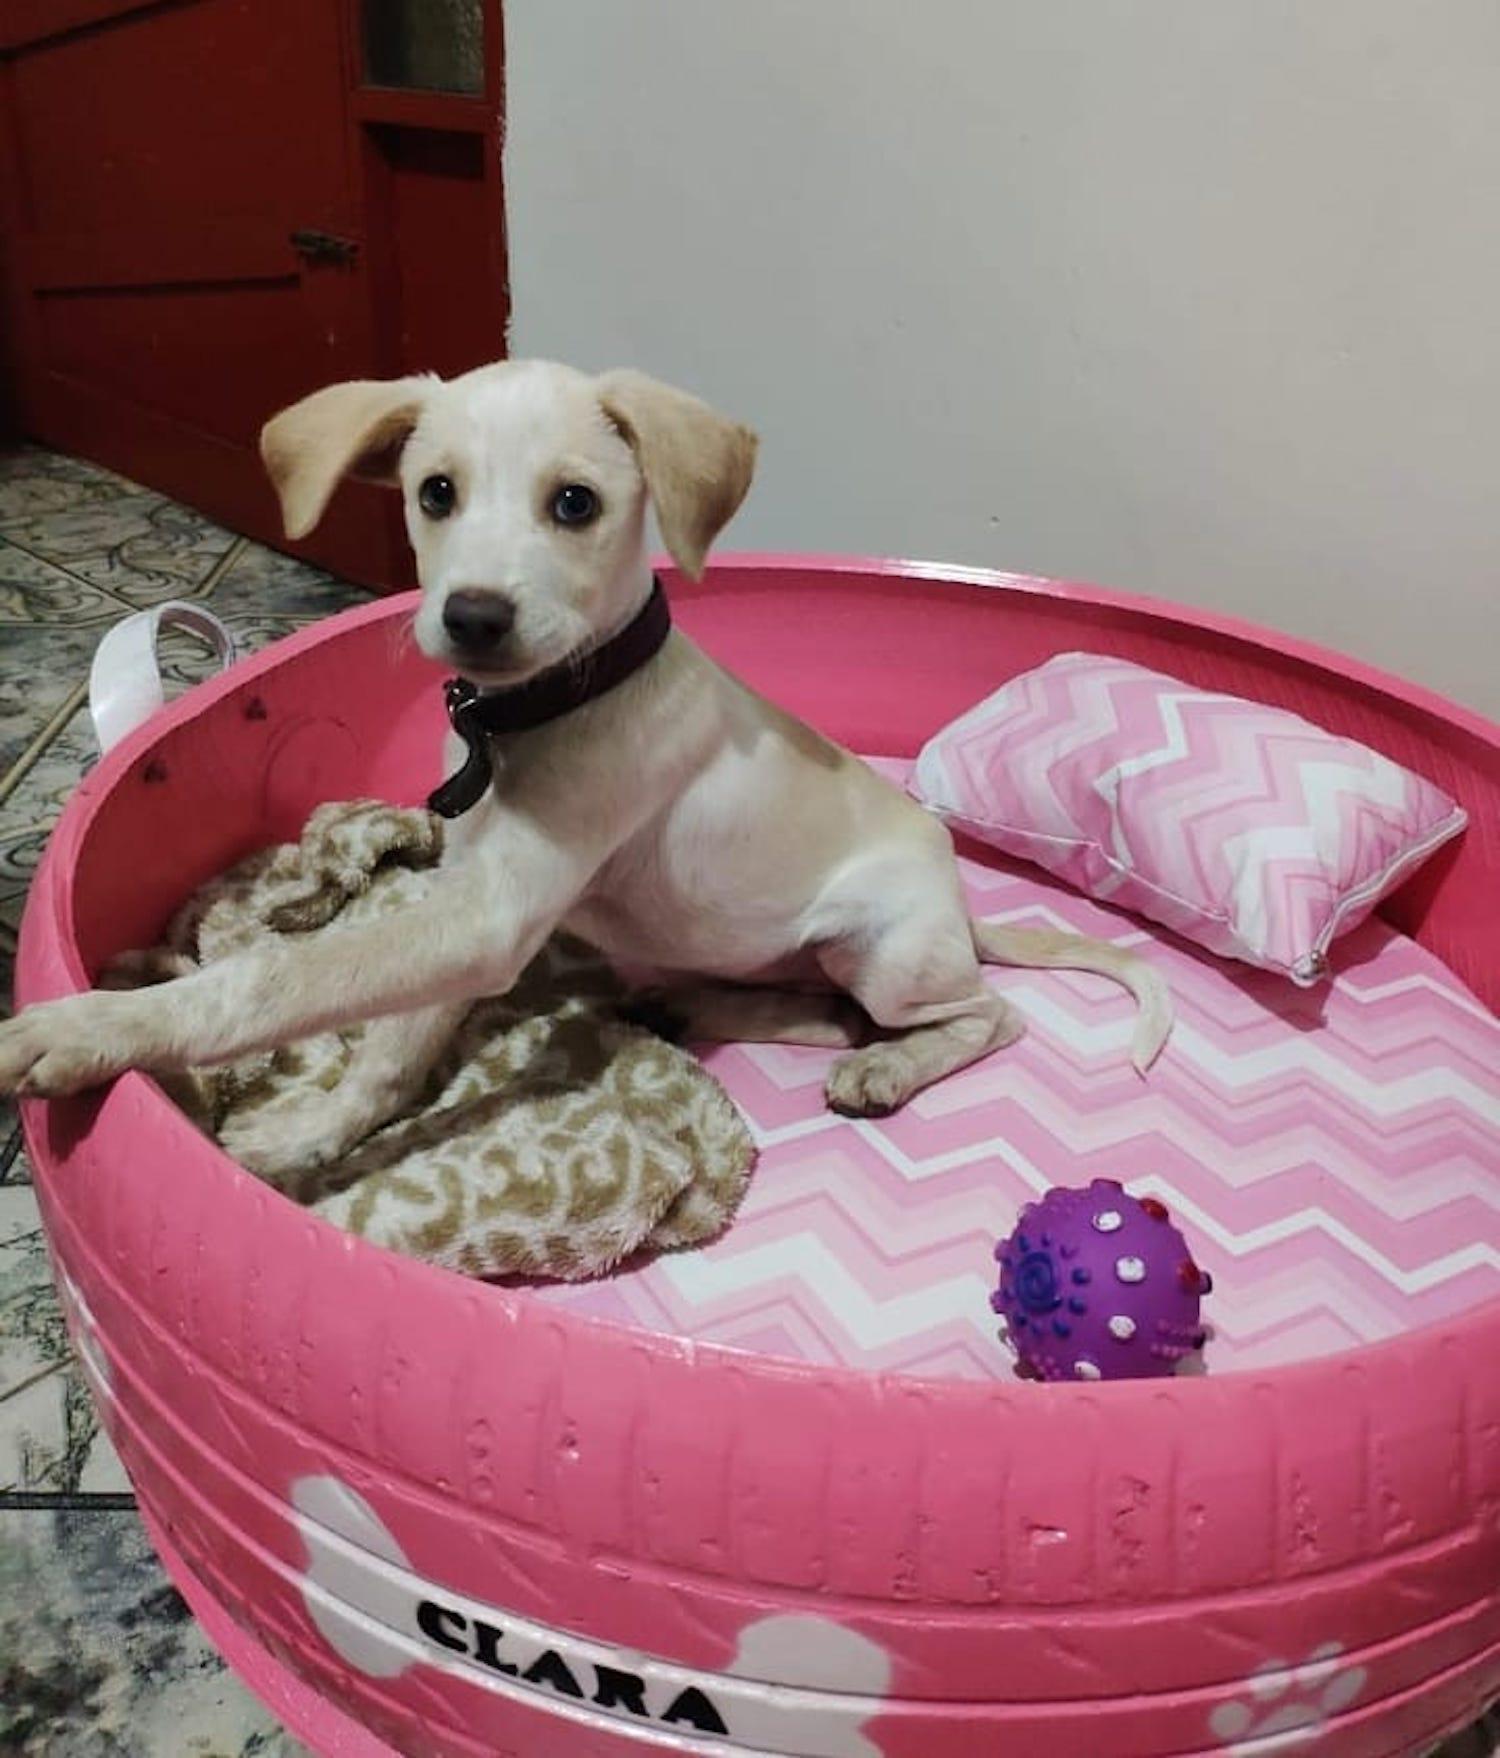 Le brésilien Amarildo Silva recycle les pneus usagés en panières pour chiens et chats